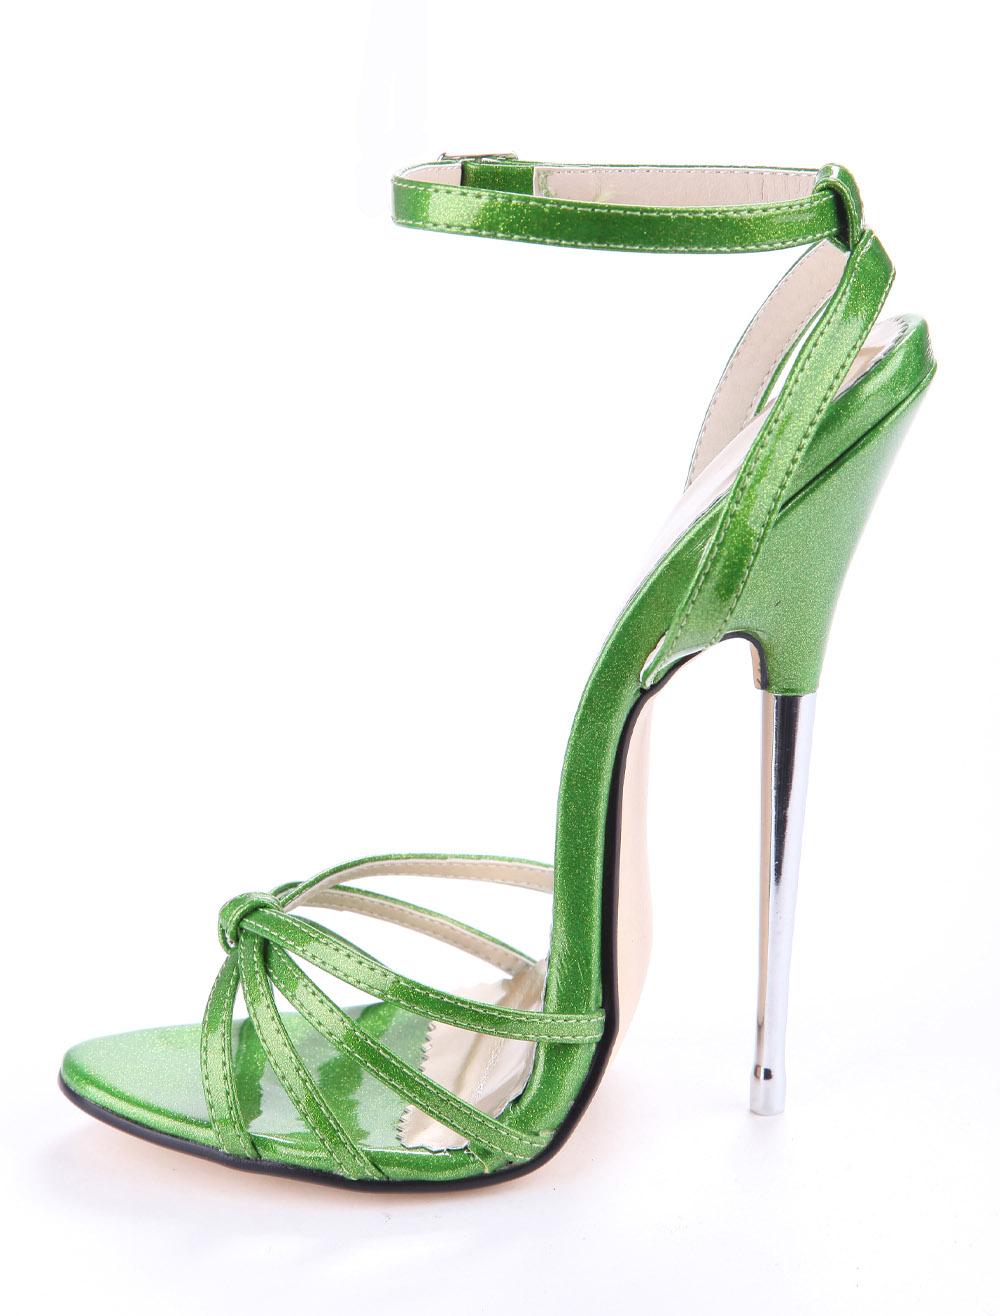 性感高跟鞋 2019新款性感  16cm绿色金属跟尖头细跟大码超高跟 走秀女凉鞋_推荐淘宝好看的女性感高跟鞋